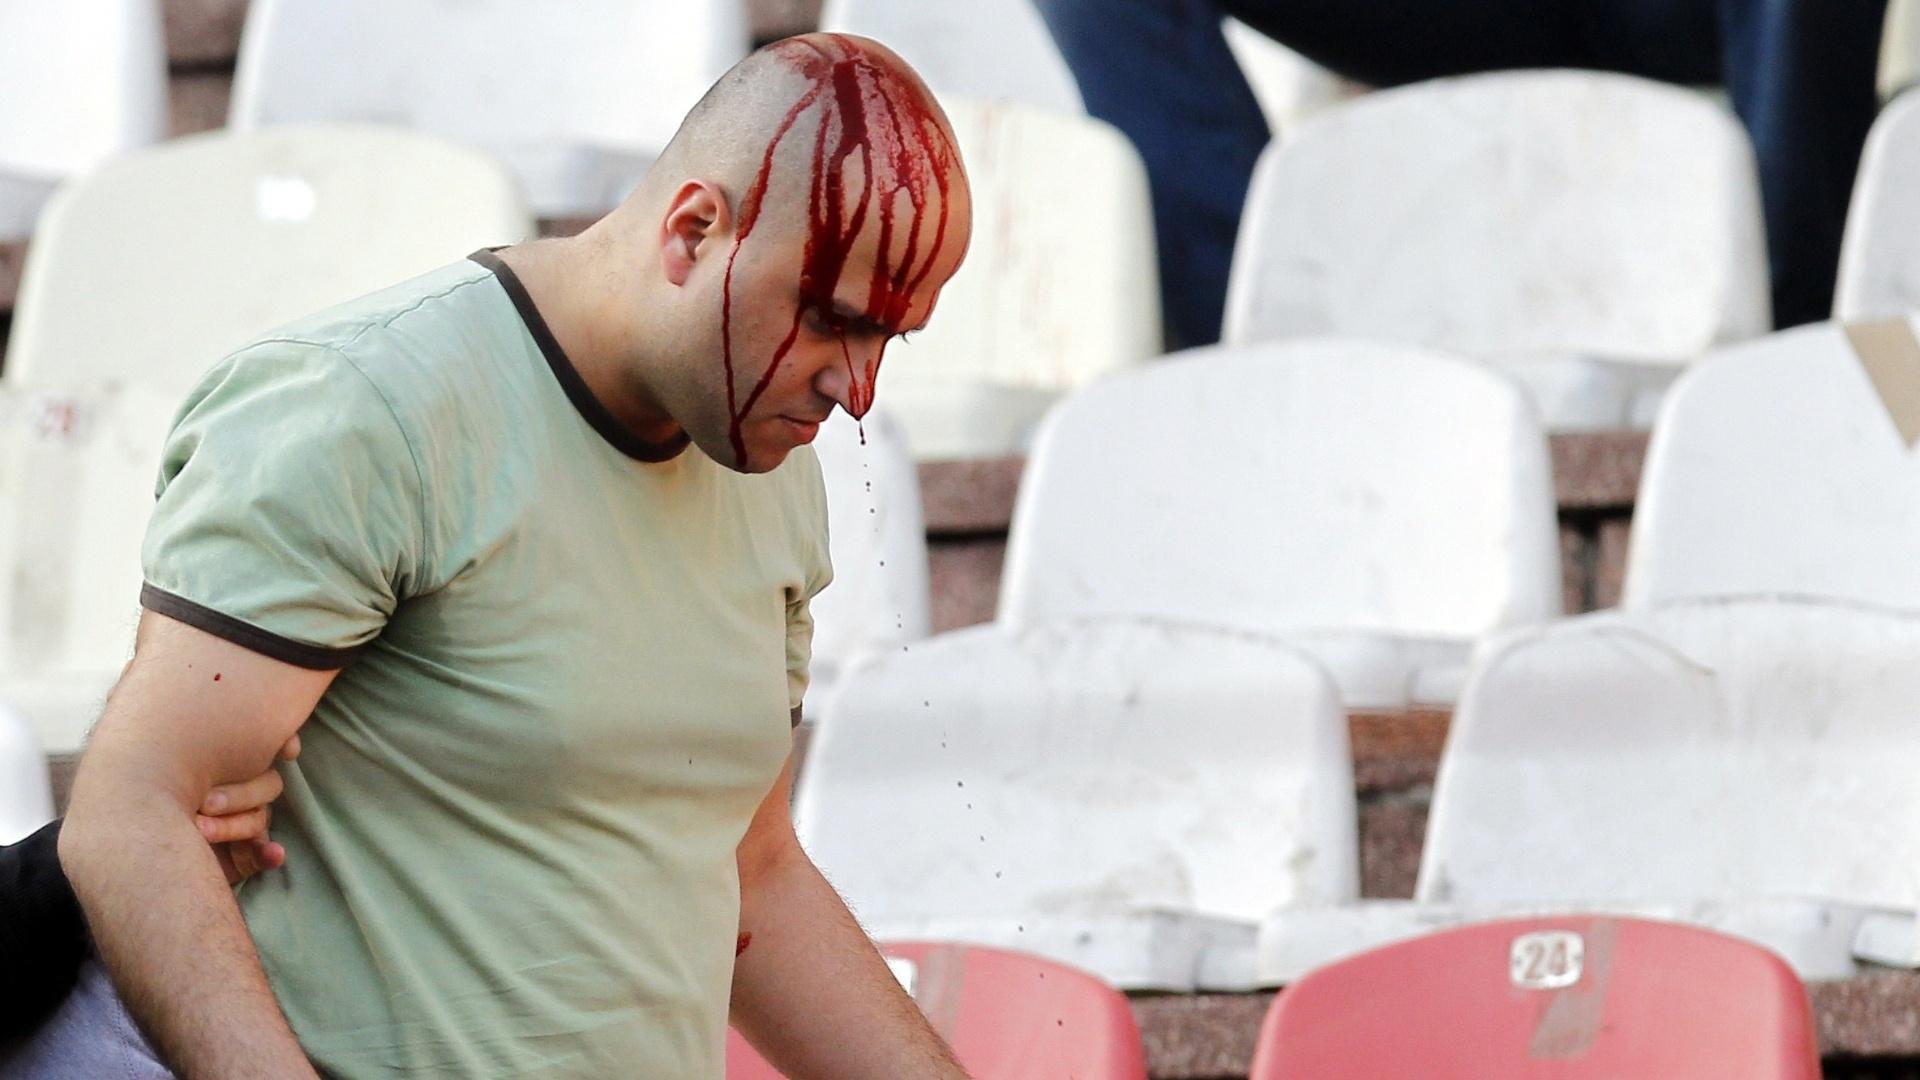 Detalhe de torcedor com a cabeça sangrando após briga de torcida no clássico entre Estrela Vermelha e Partizan, em Belgrado, na Sérvia